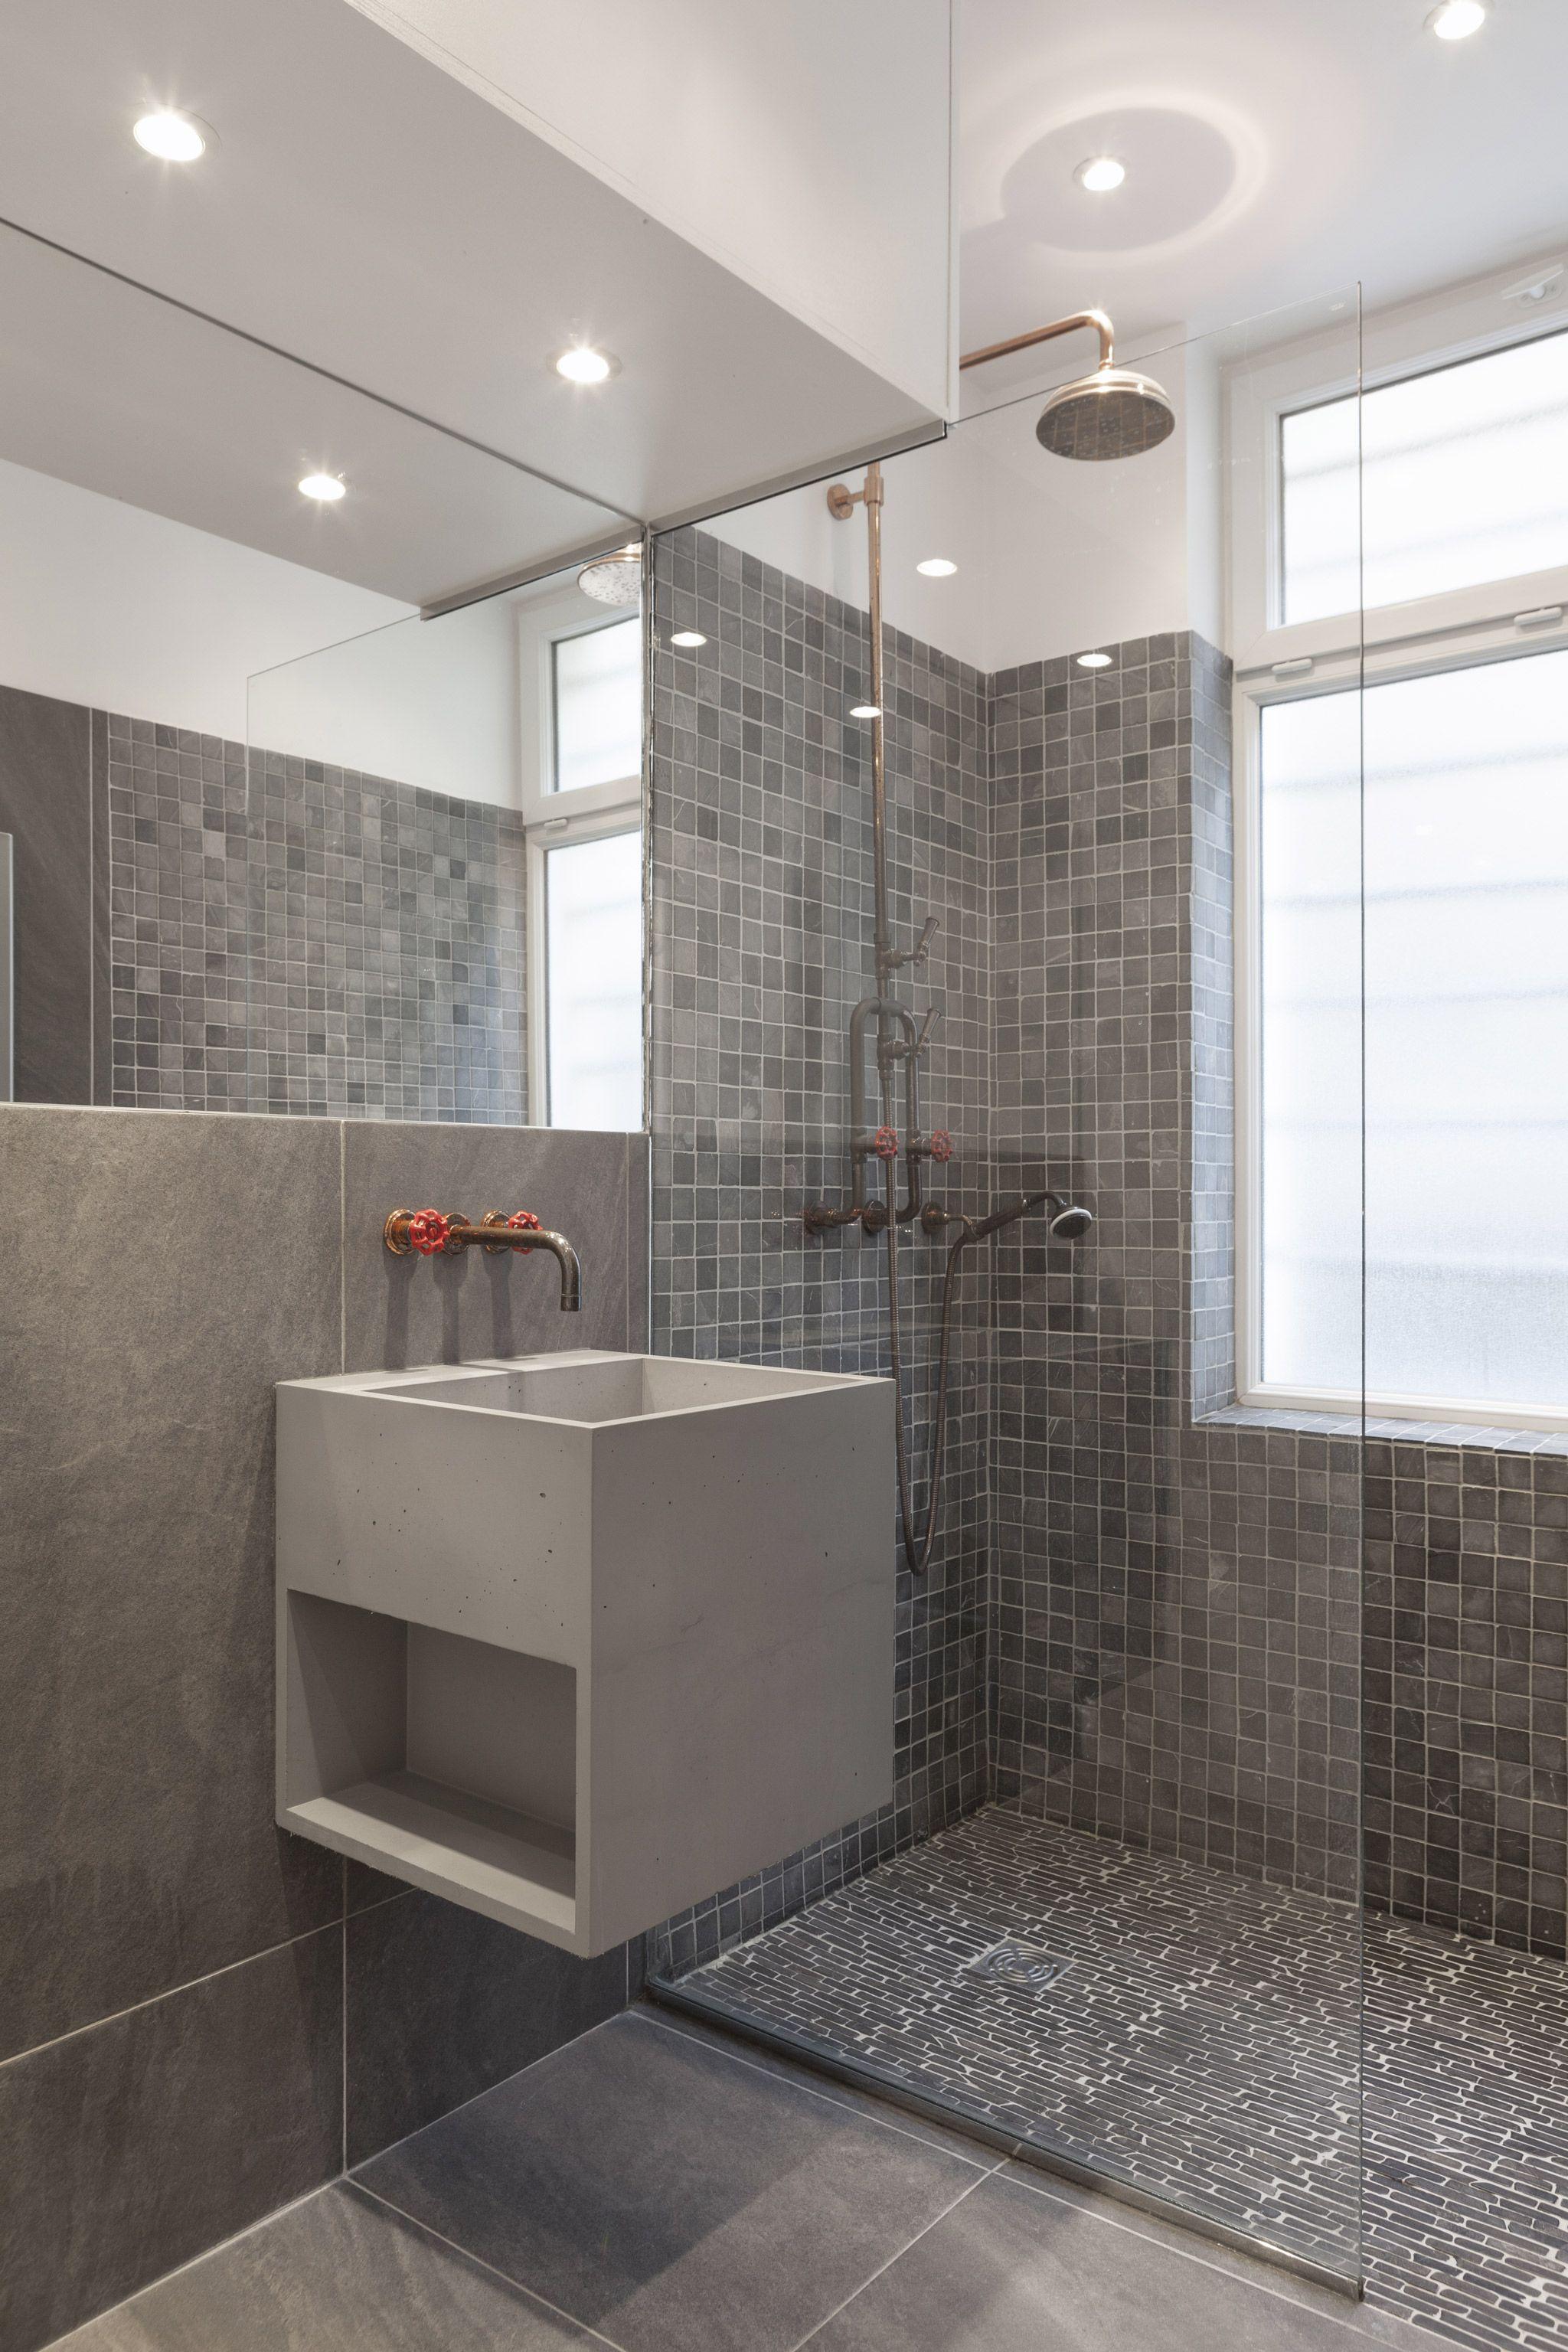 Salle De Bain Douche Et Baignoire Leroy Merlin ~ Salle De Bain Avec Vasque En B Ton L Ger Bathroom Salle De Bains